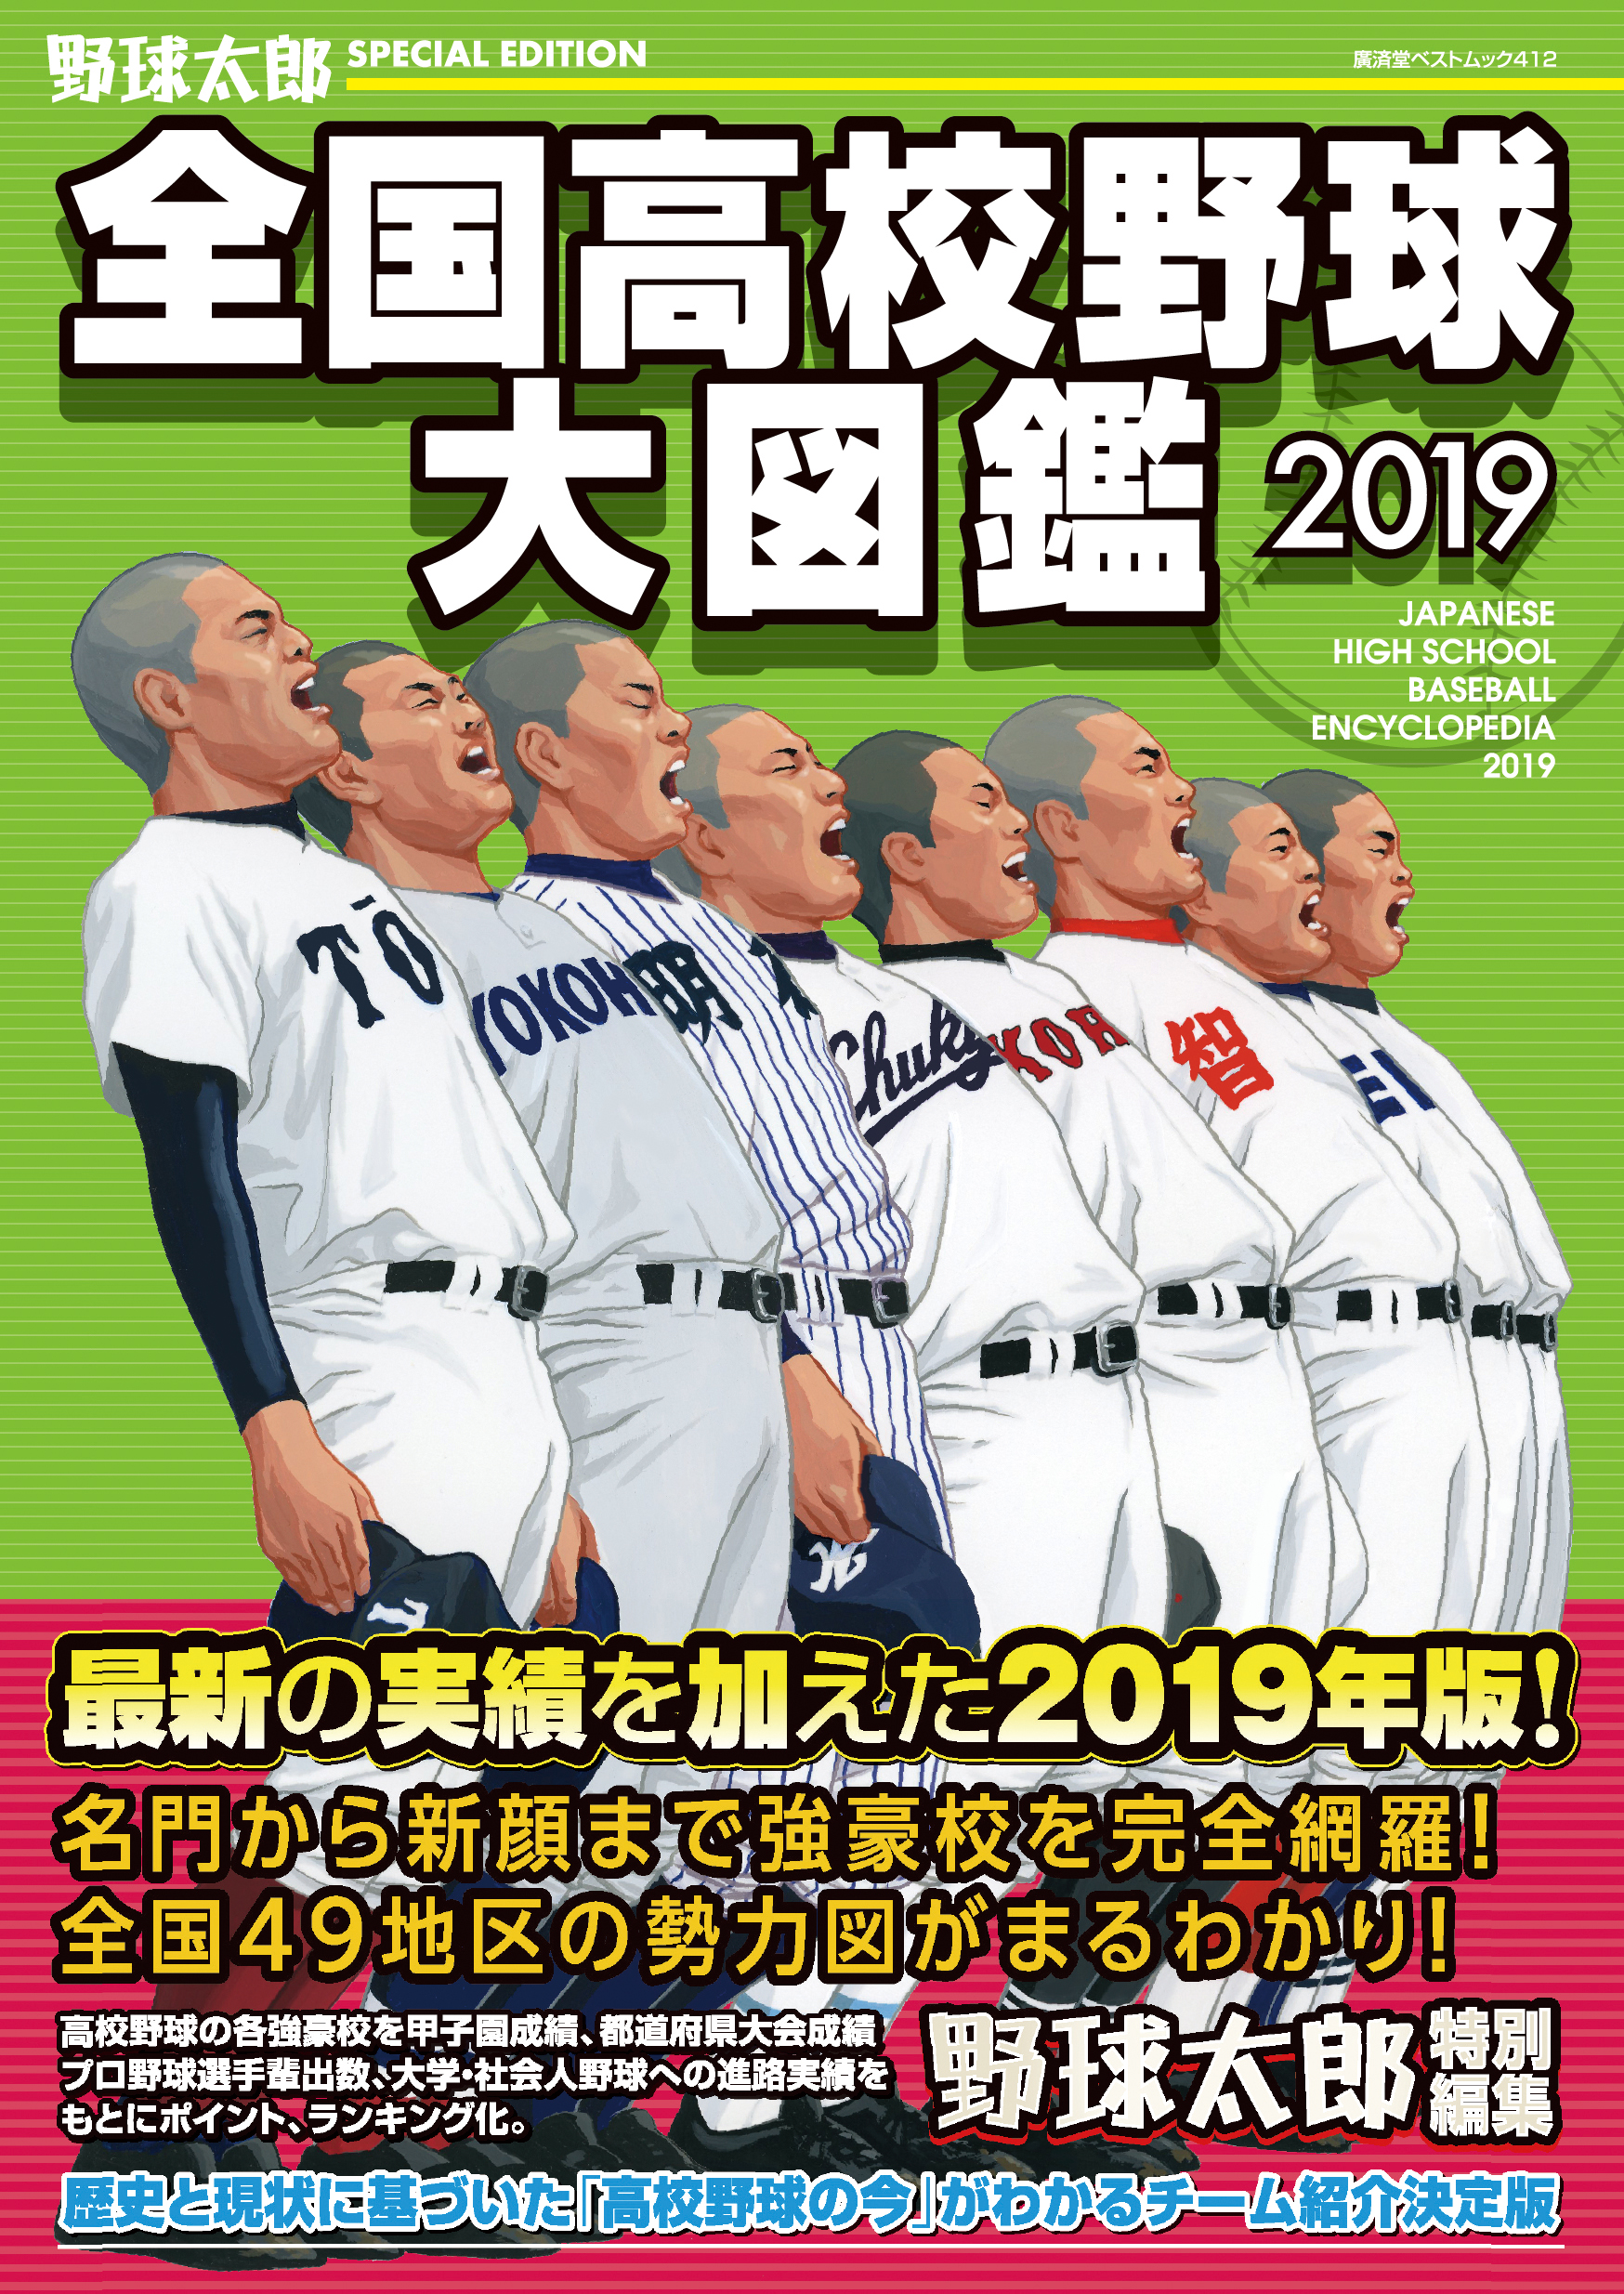 お詫びと訂正『全国高校野球大図鑑2019』